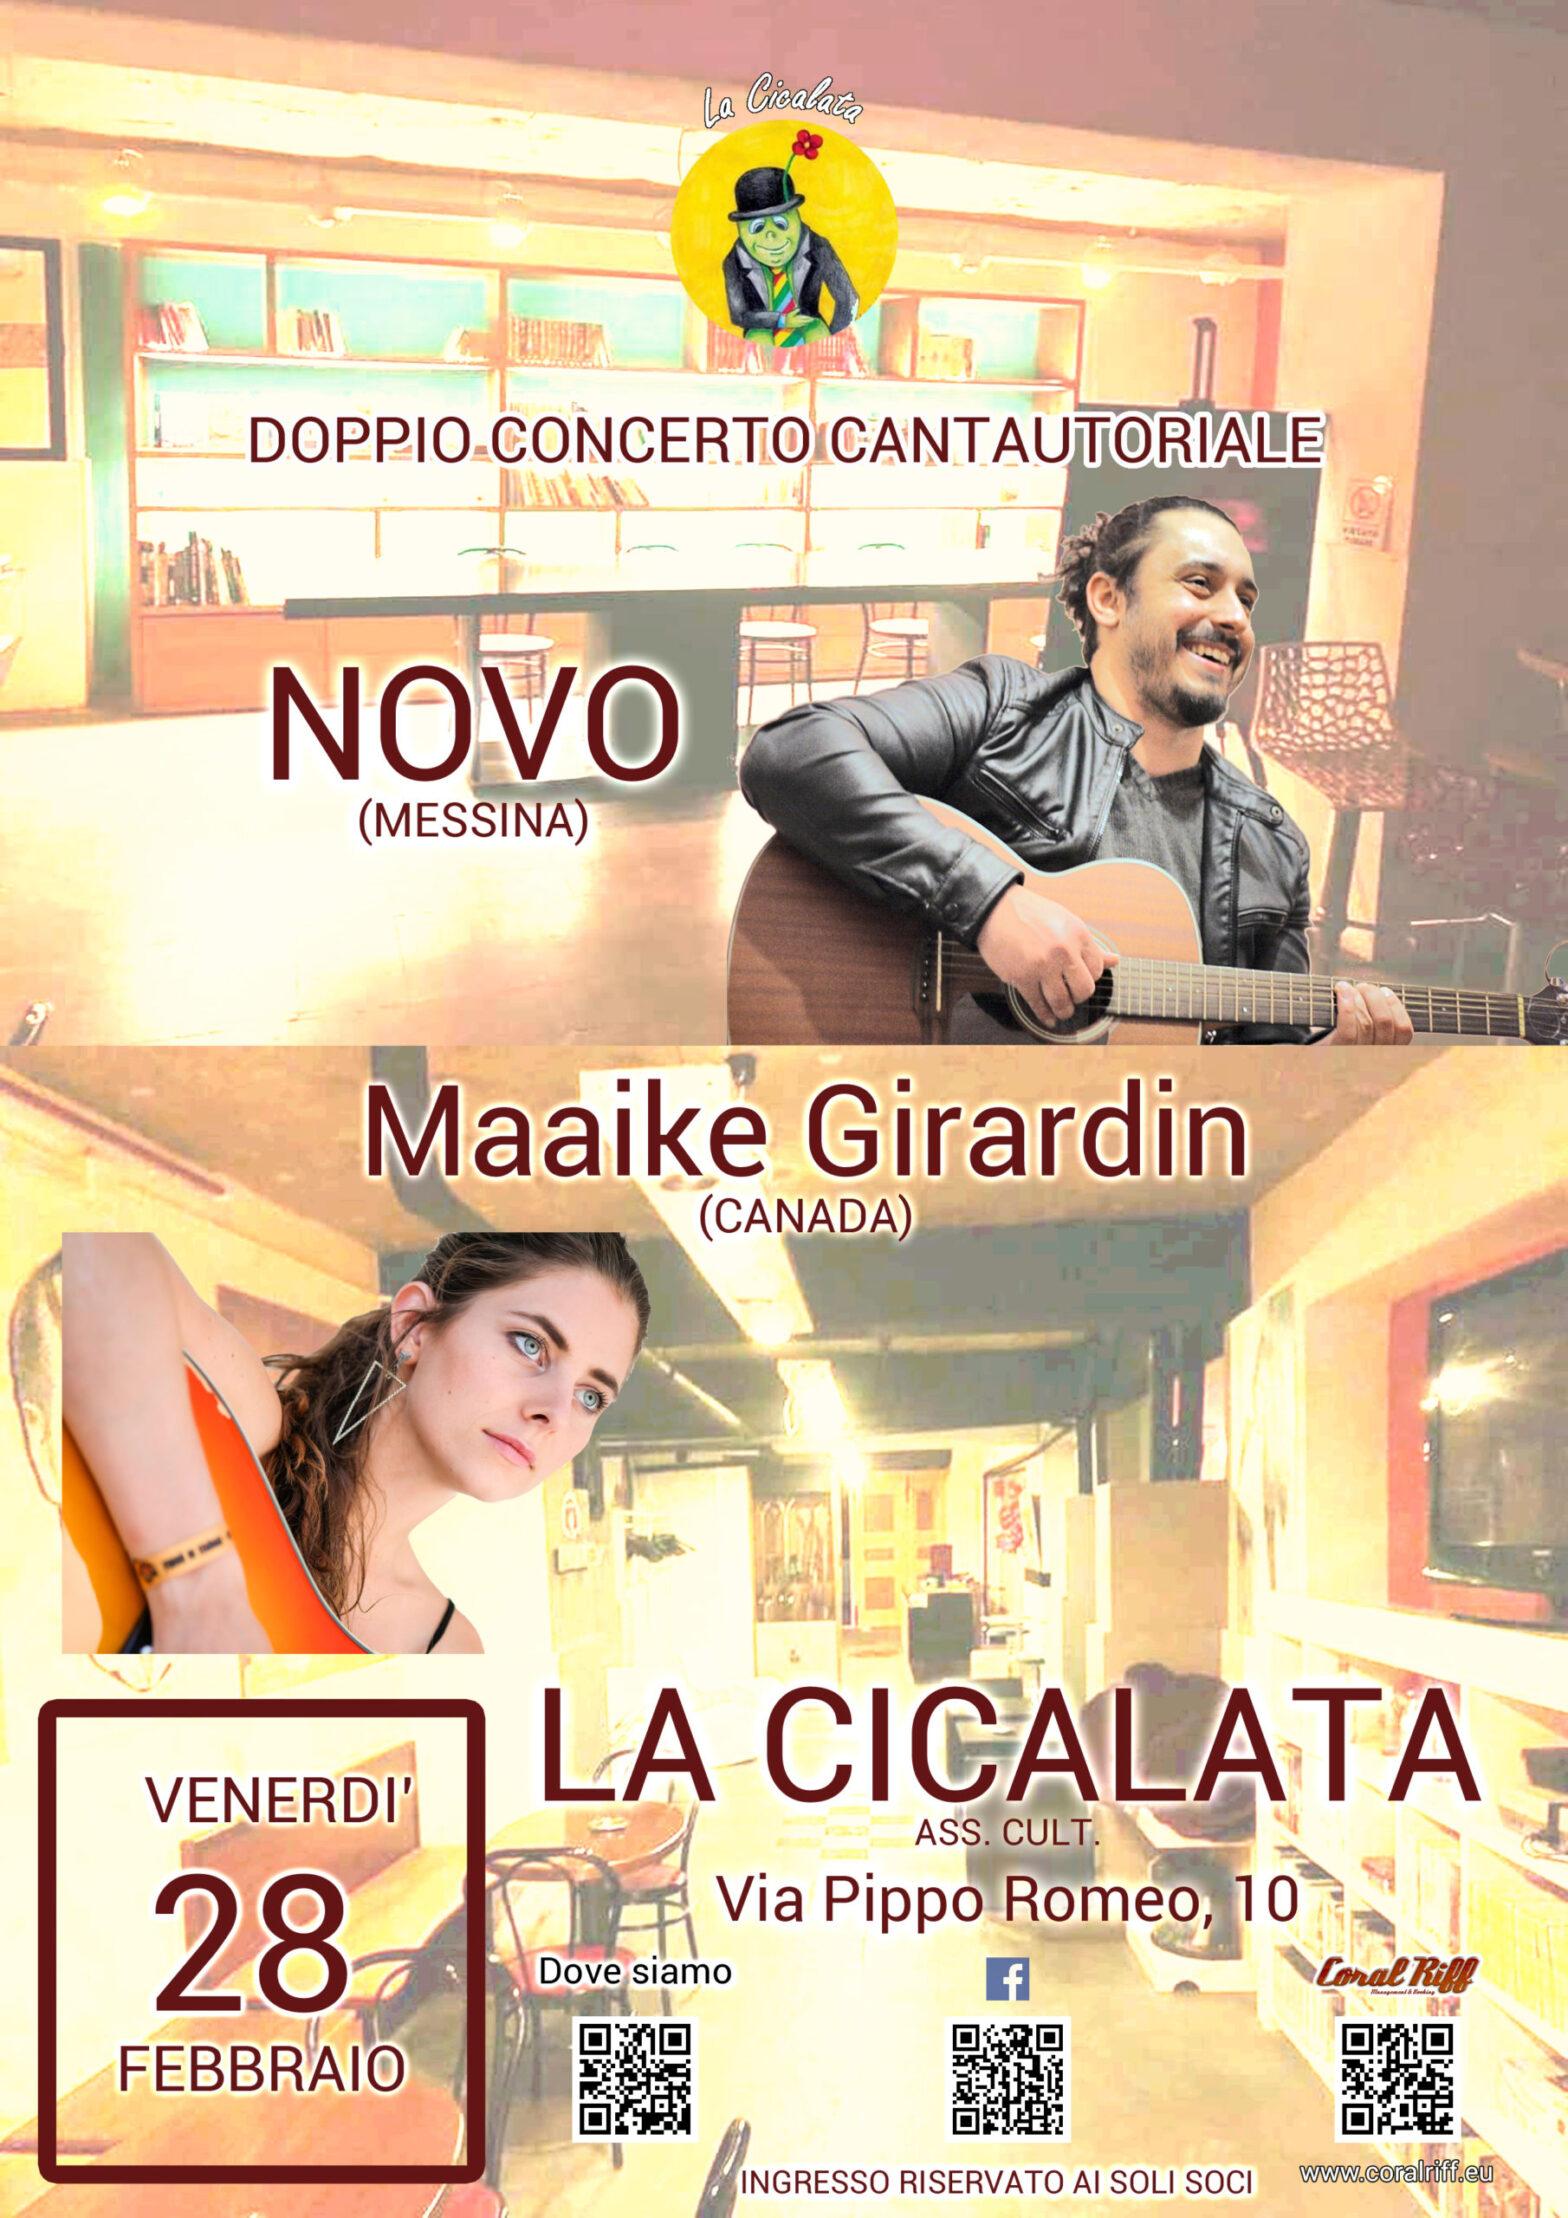 Novo + Maaike Girardin a La Cicalata, Messina